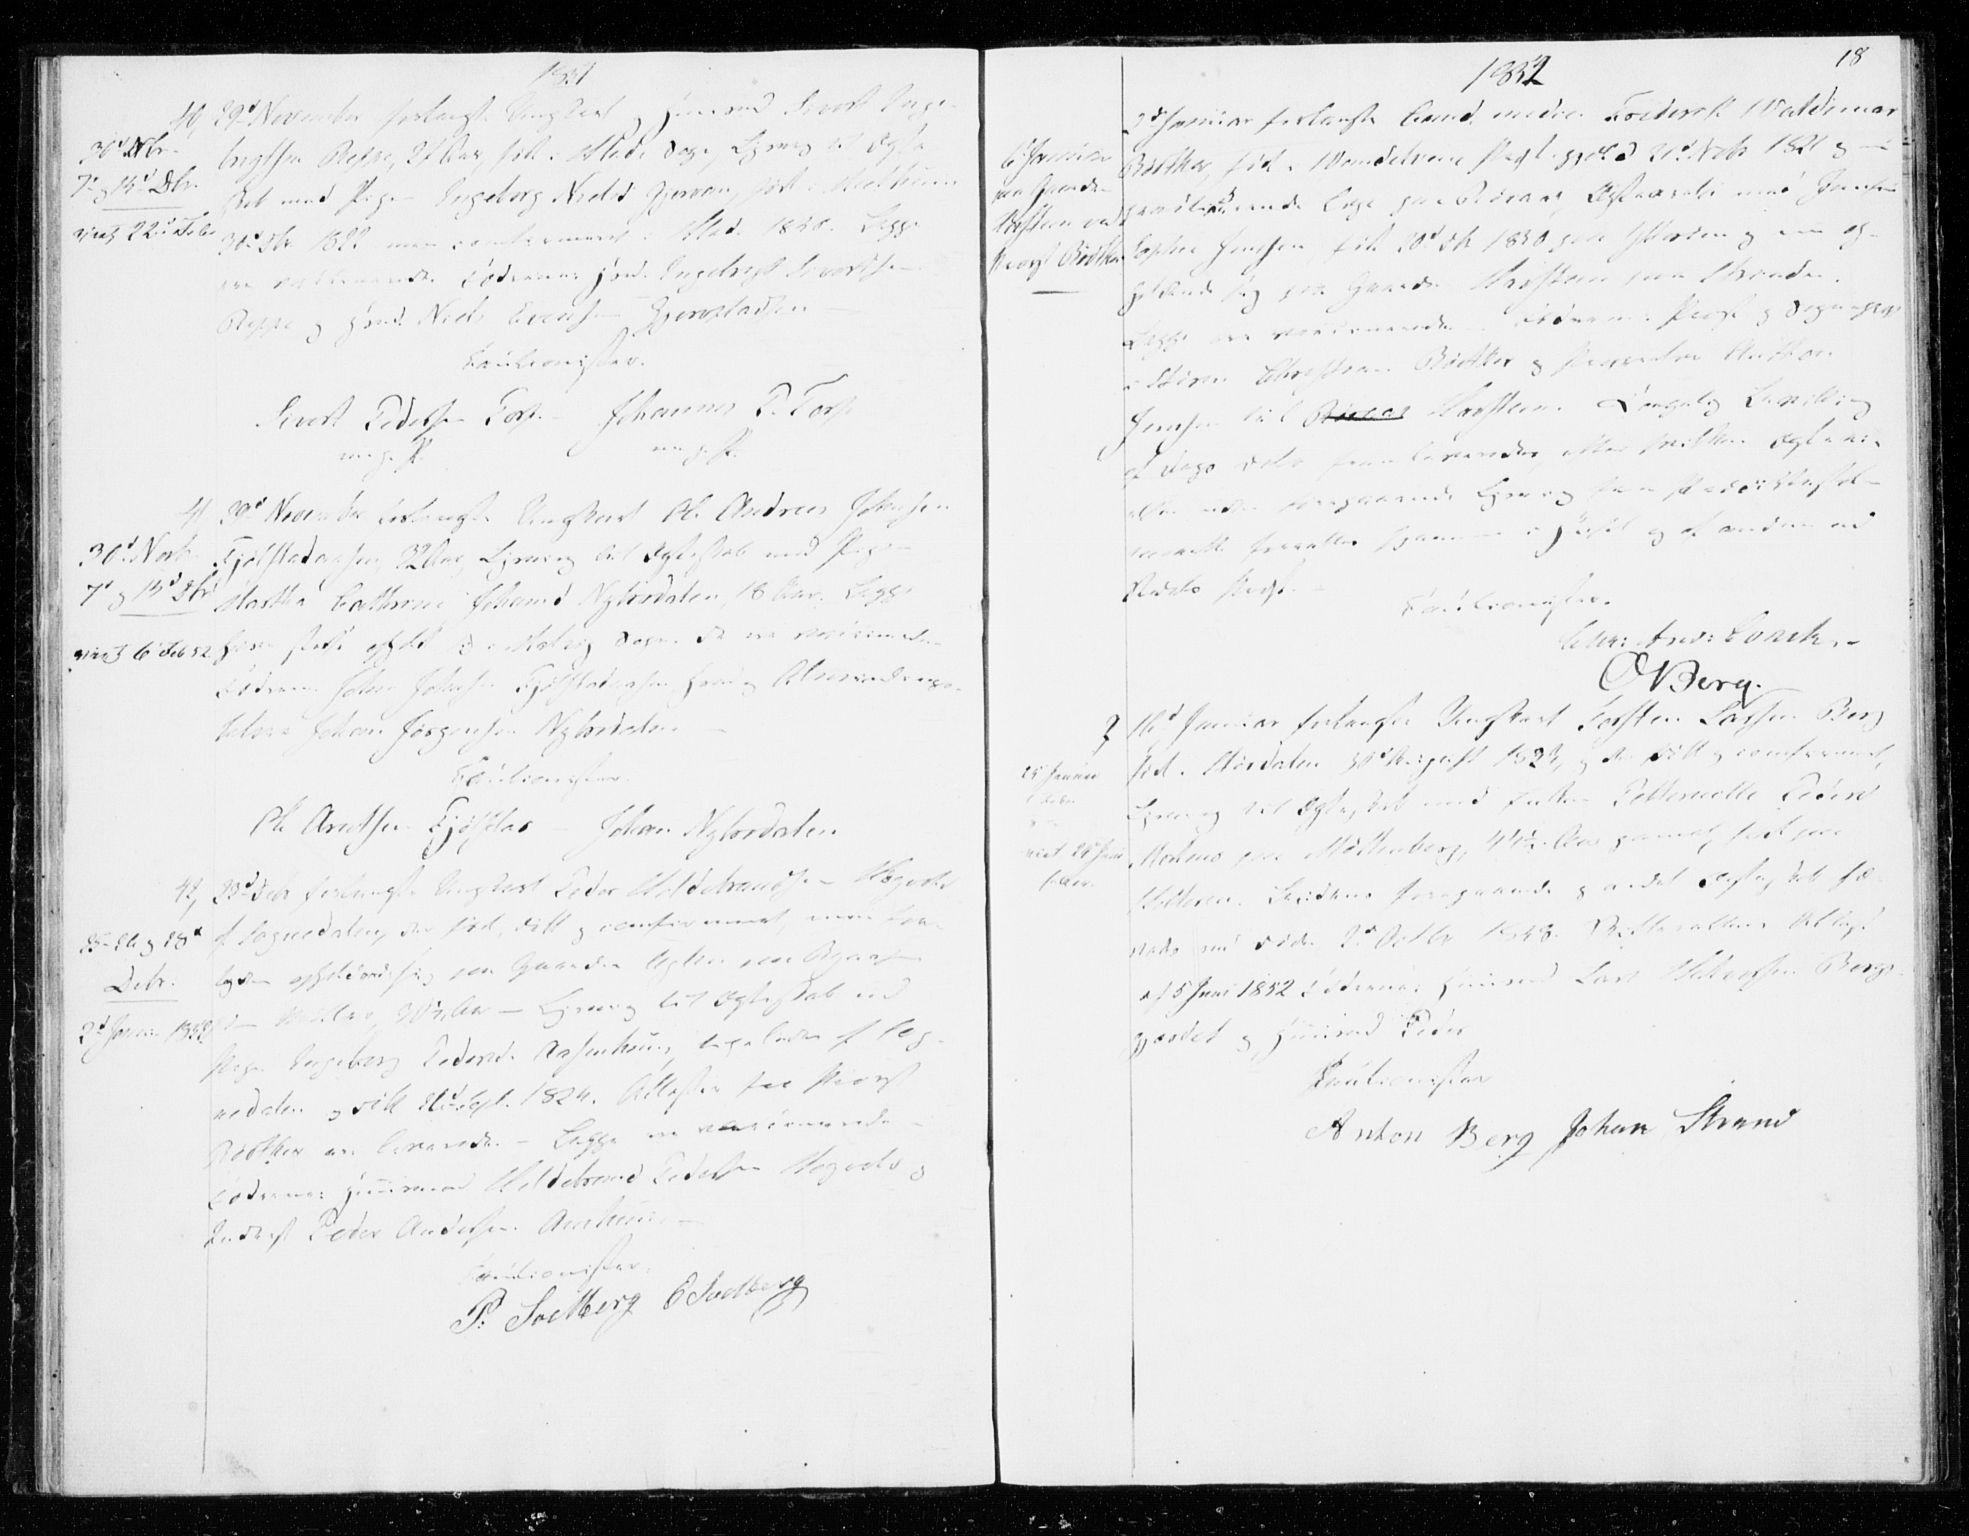 SAT, Ministerialprotokoller, klokkerbøker og fødselsregistre - Sør-Trøndelag, 606/L0296: Lysningsprotokoll nr. 606A11, 1849-1854, s. 18